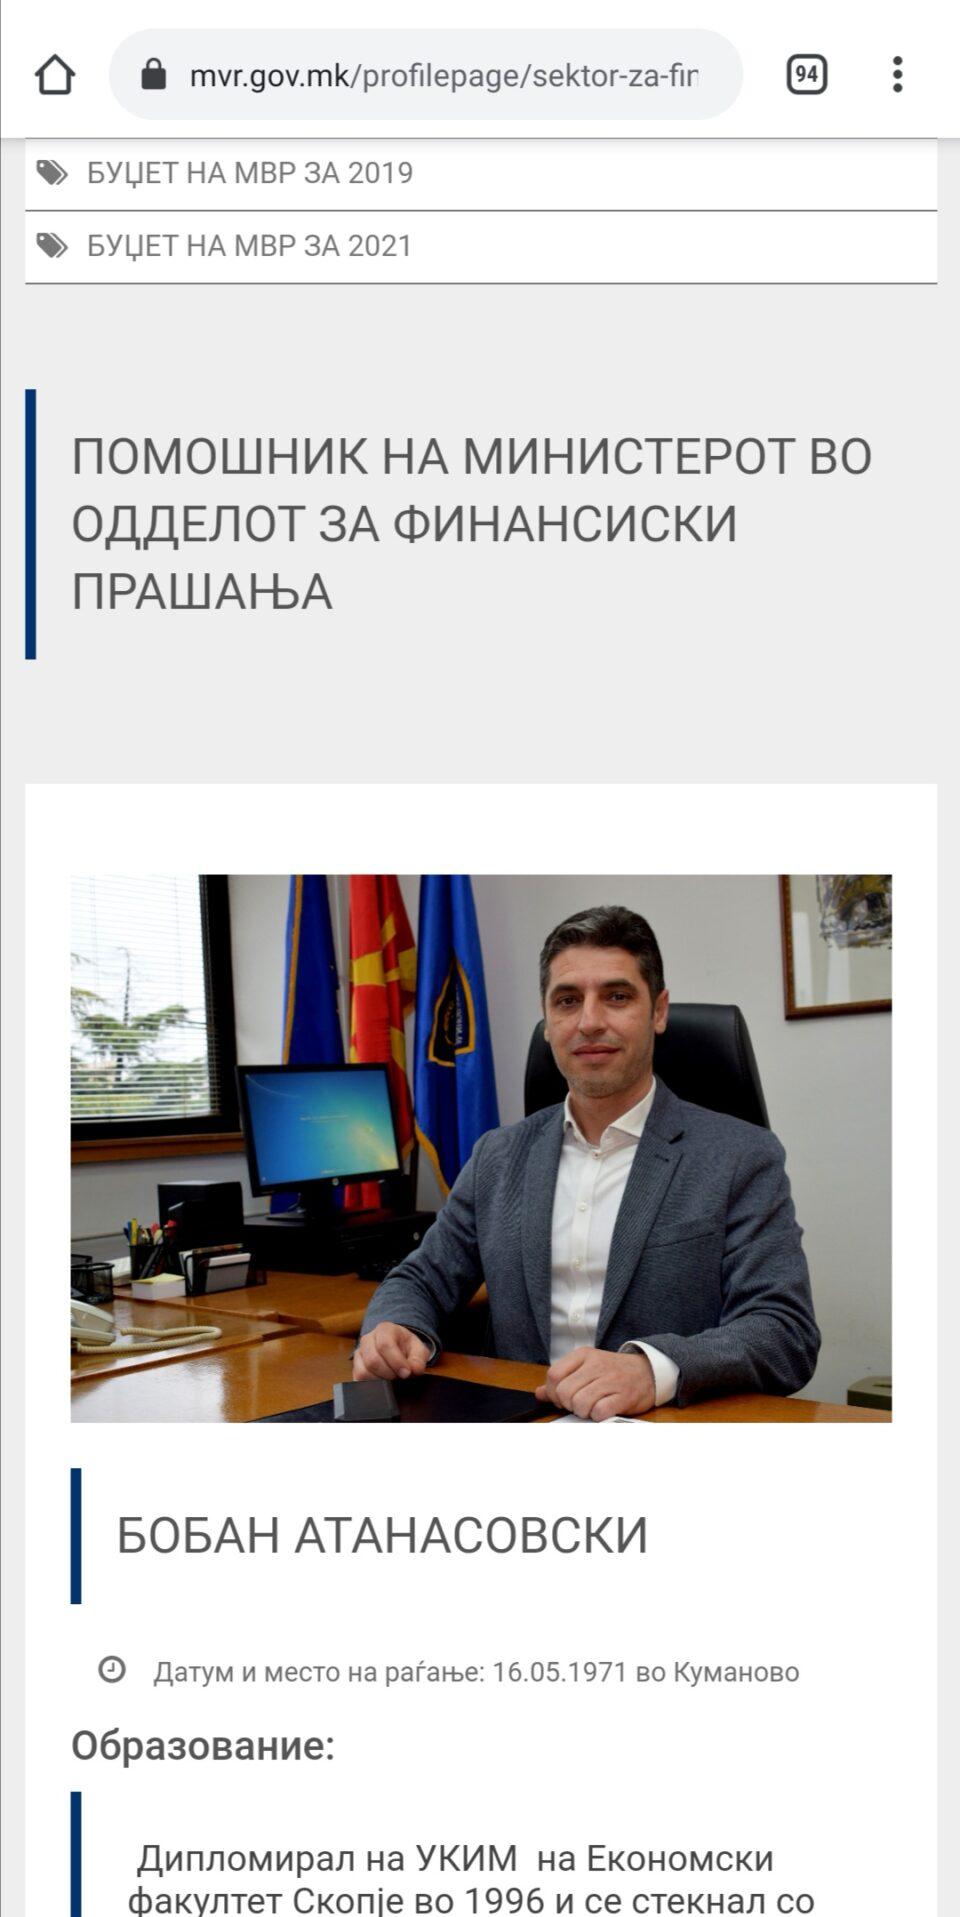 Синдикат на полиција на Македонија: Помошник на министерот во одделот за финансии ја злоупотребил својата службена положба и сторил кривично дело